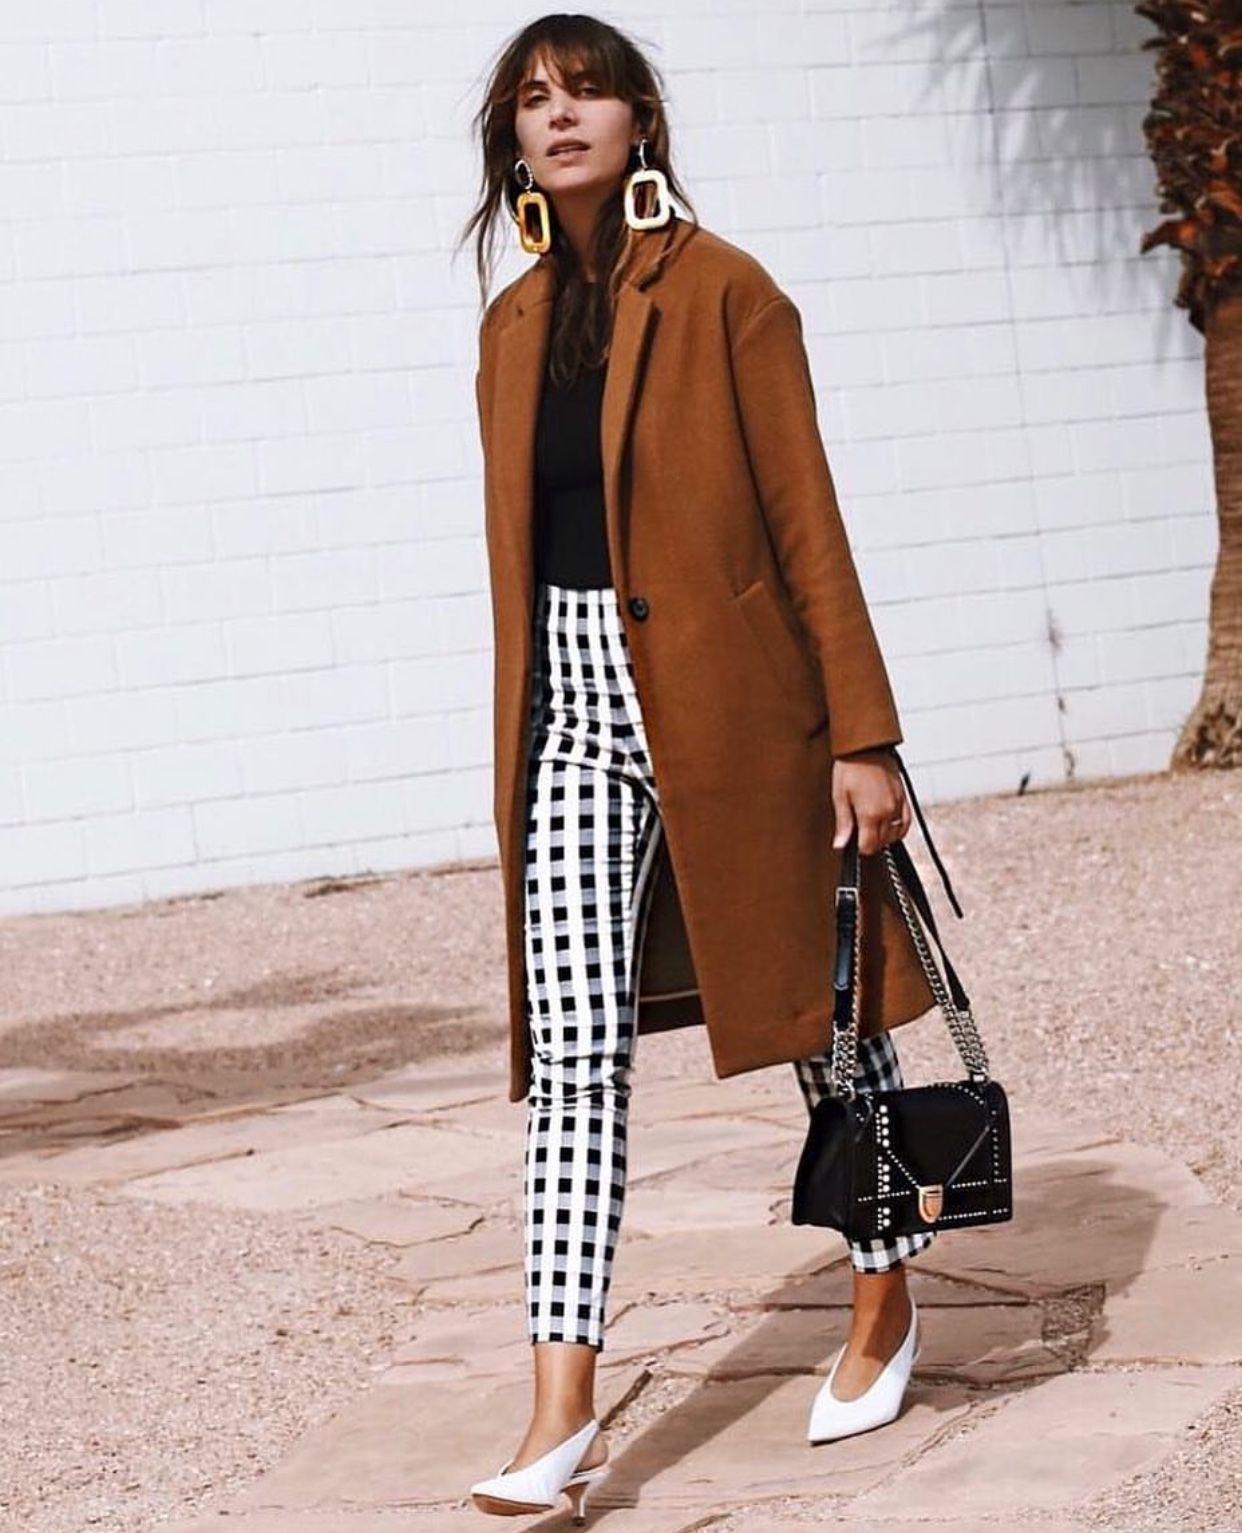 Abrigo marrón con pantalones a cuadros y zapatos blancos. Elegante ... 7716e8ce2985